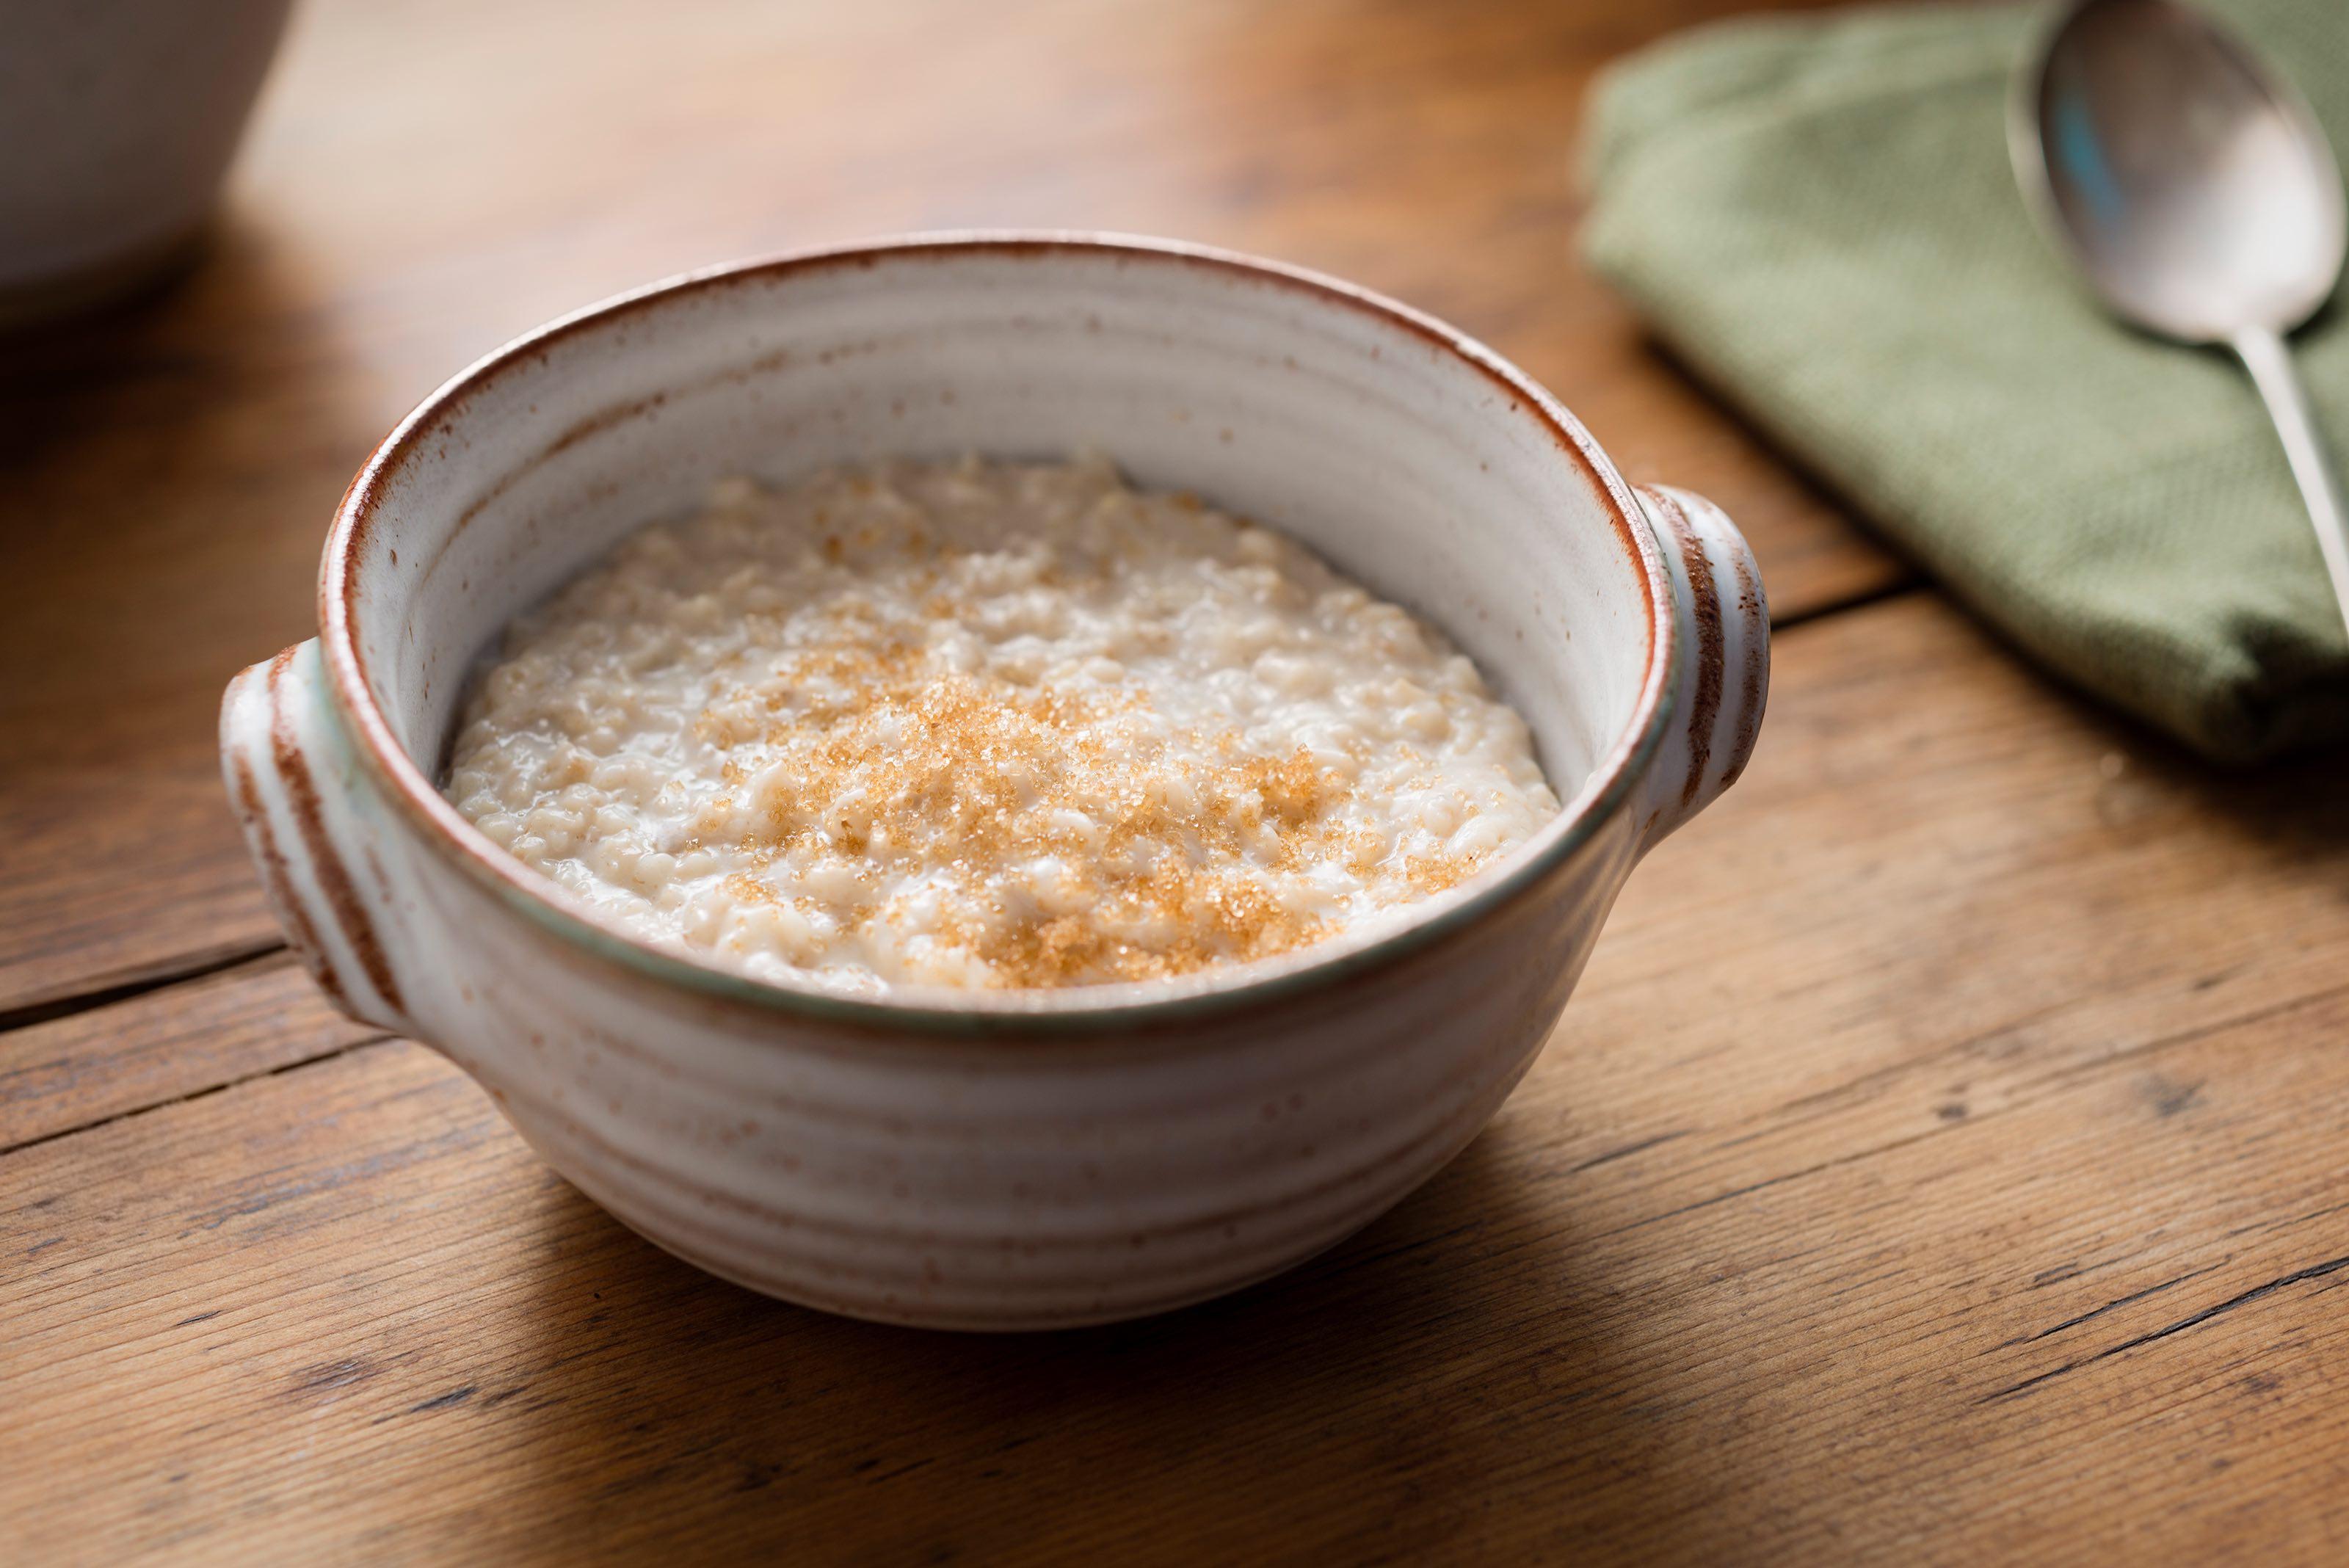 Porridge, bestreut mit Zimt, in einer Schüssel auf einem Holz-Untergrund.